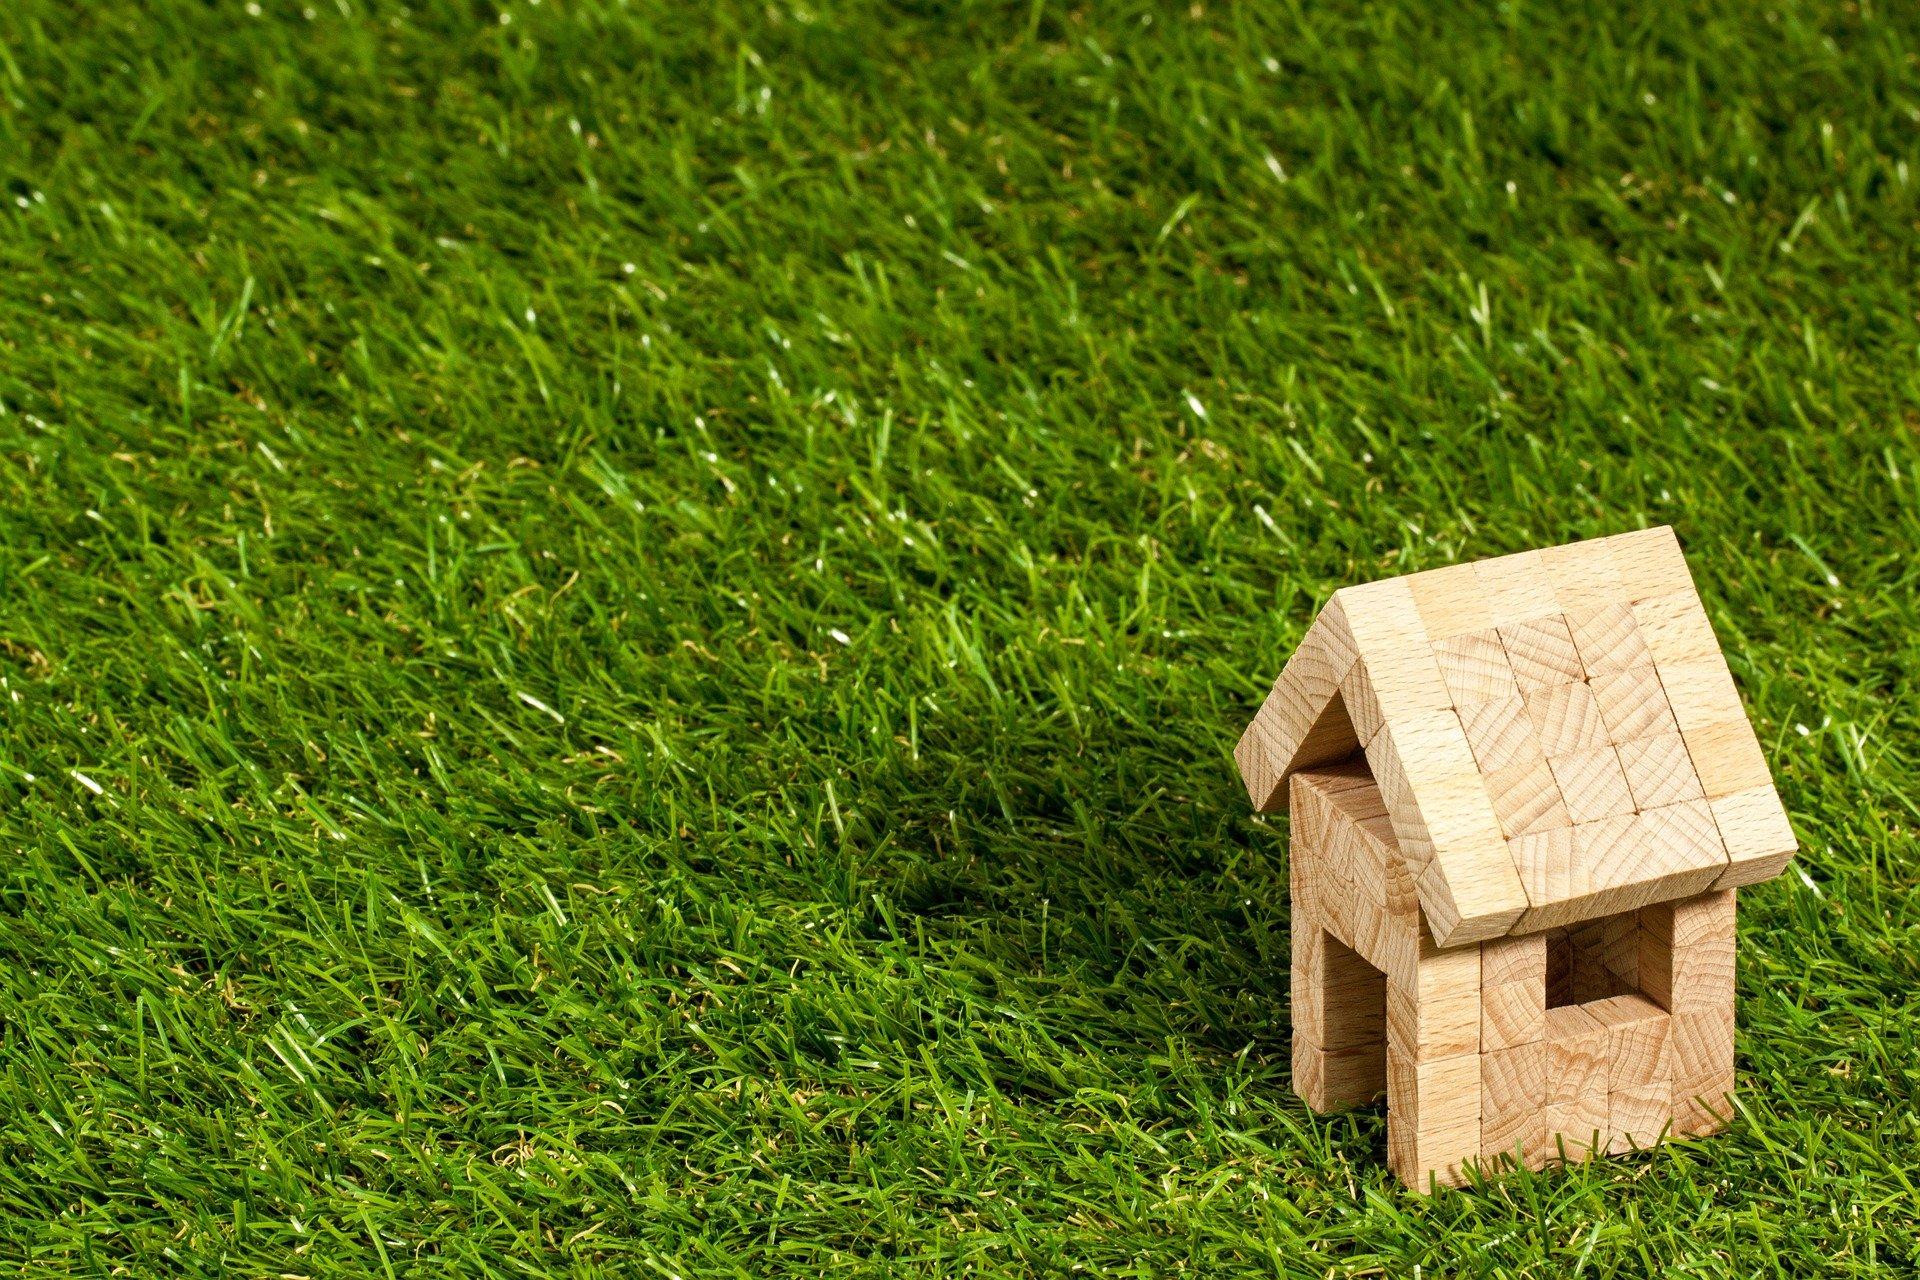 Bild Haus auf Gras